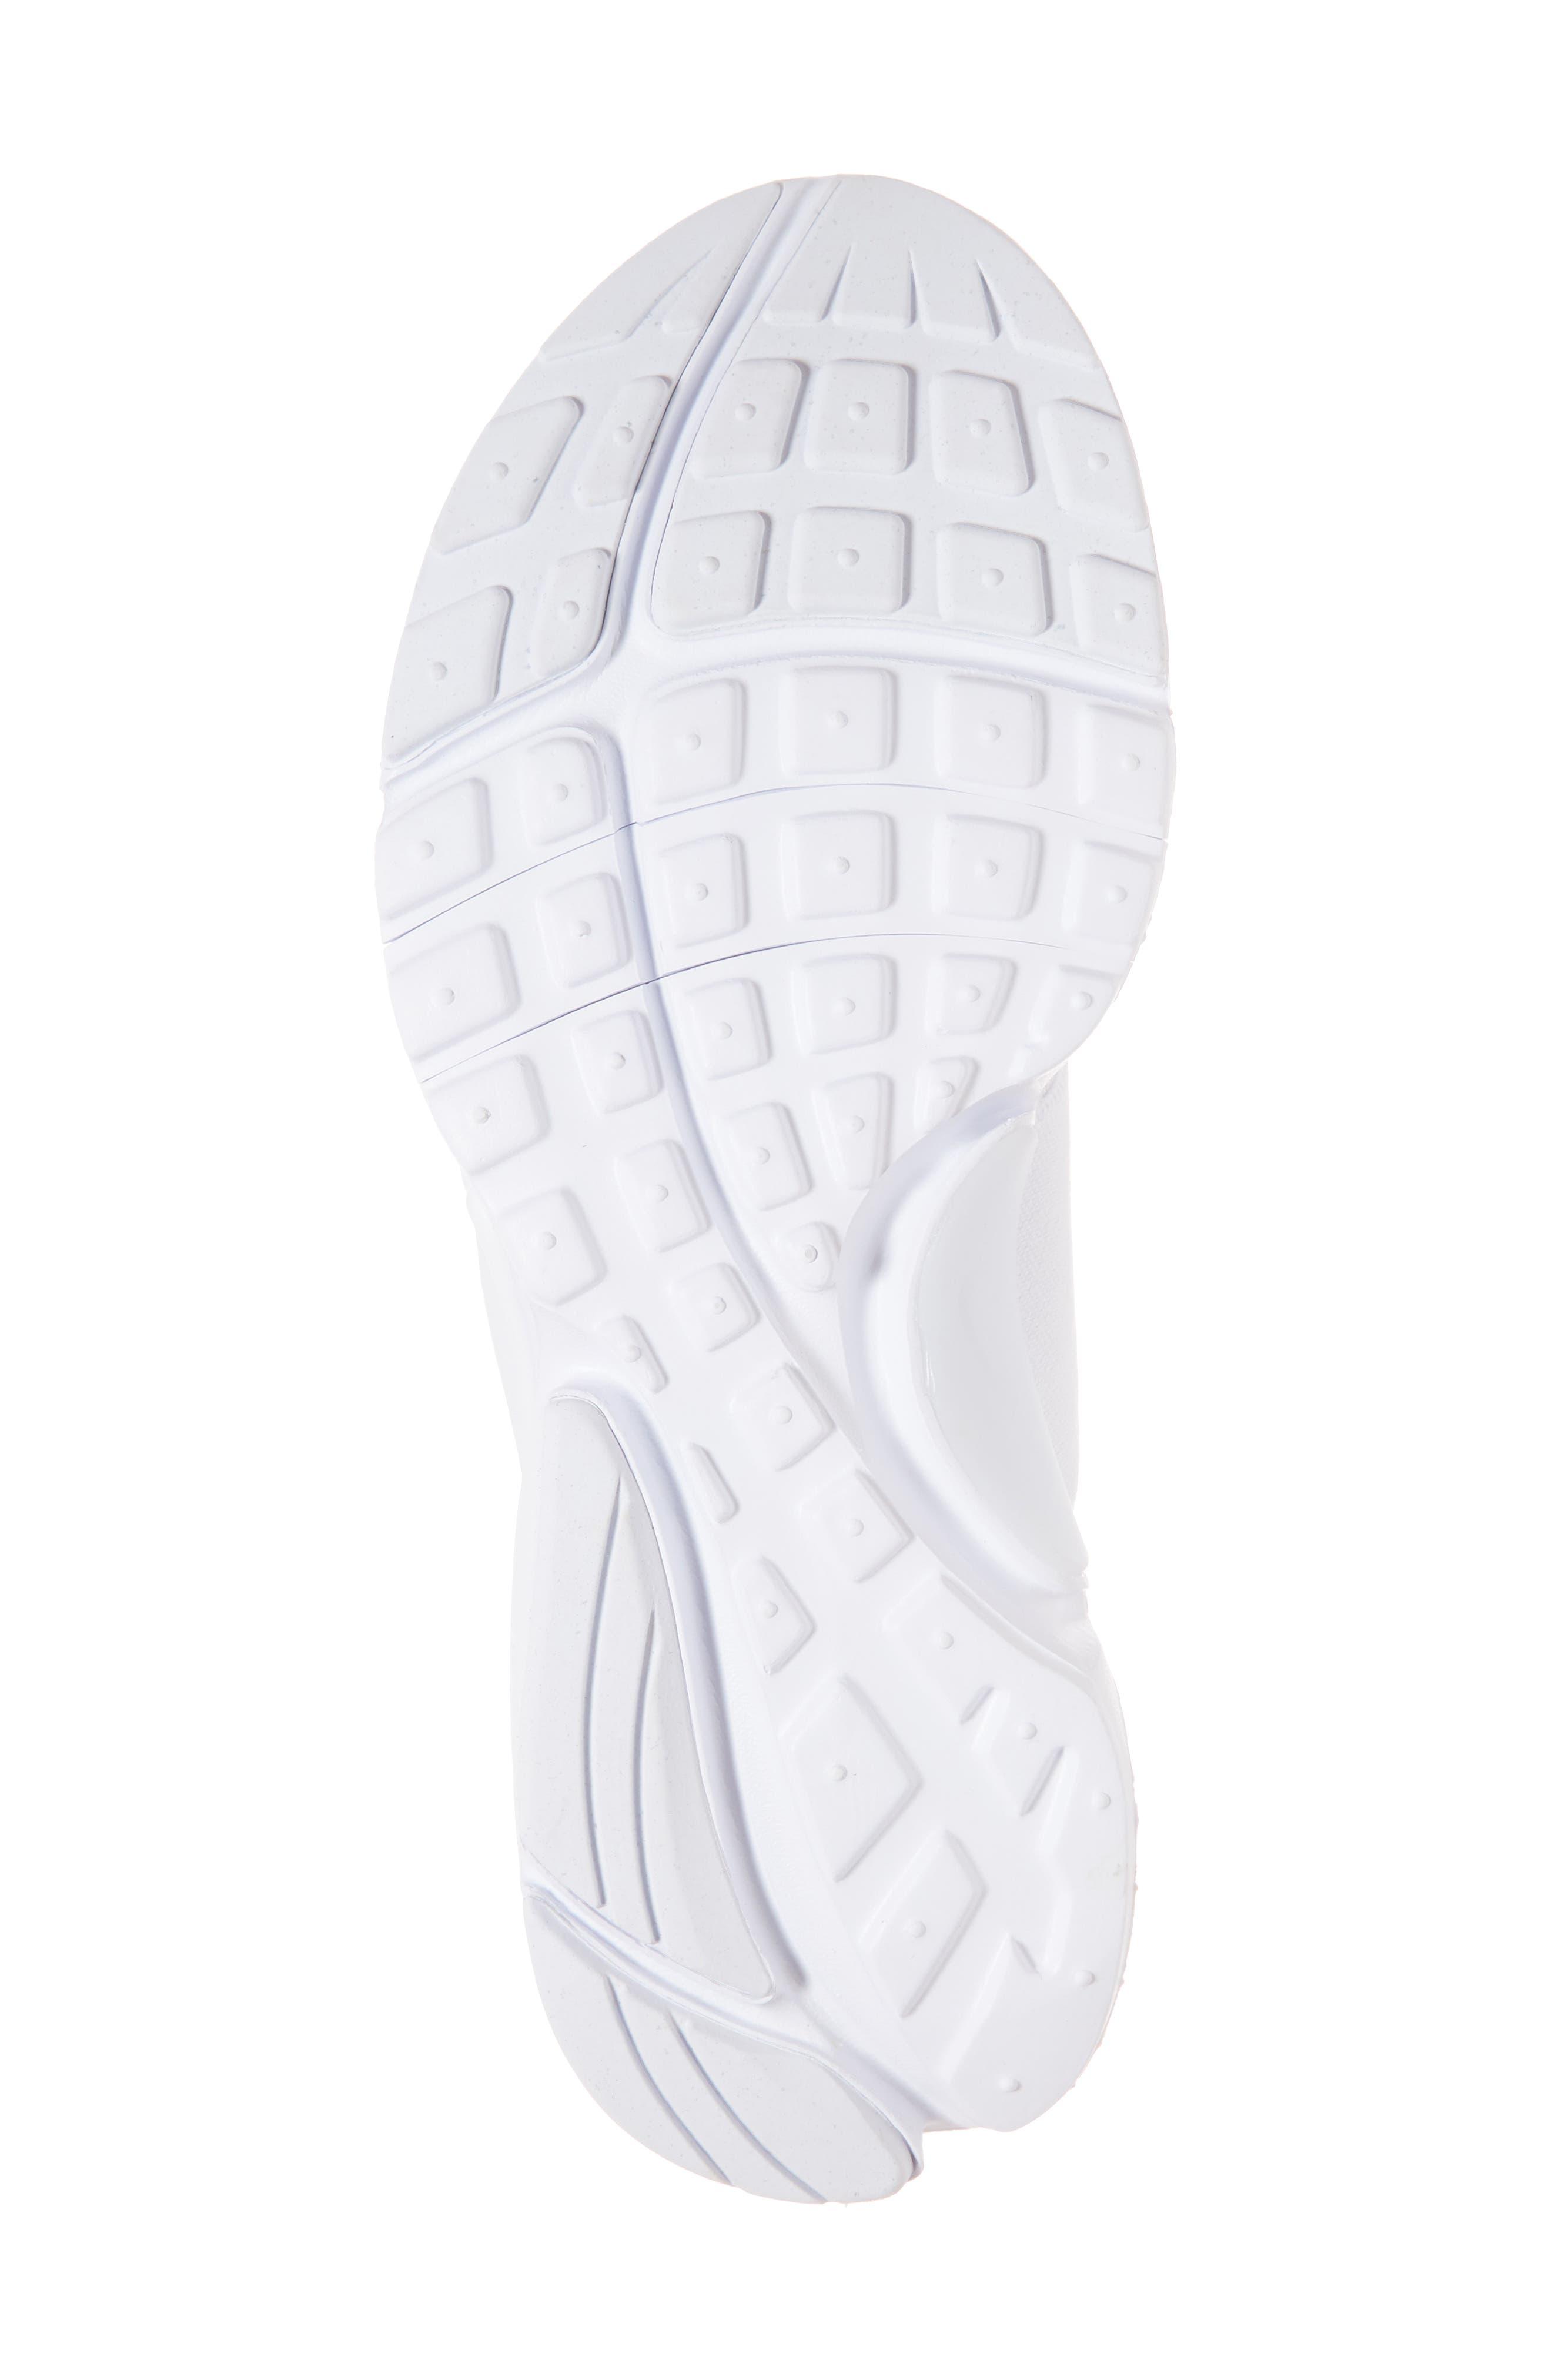 Presto Extreme Sneaker,                             Alternate thumbnail 6, color,                             White/ White/ White